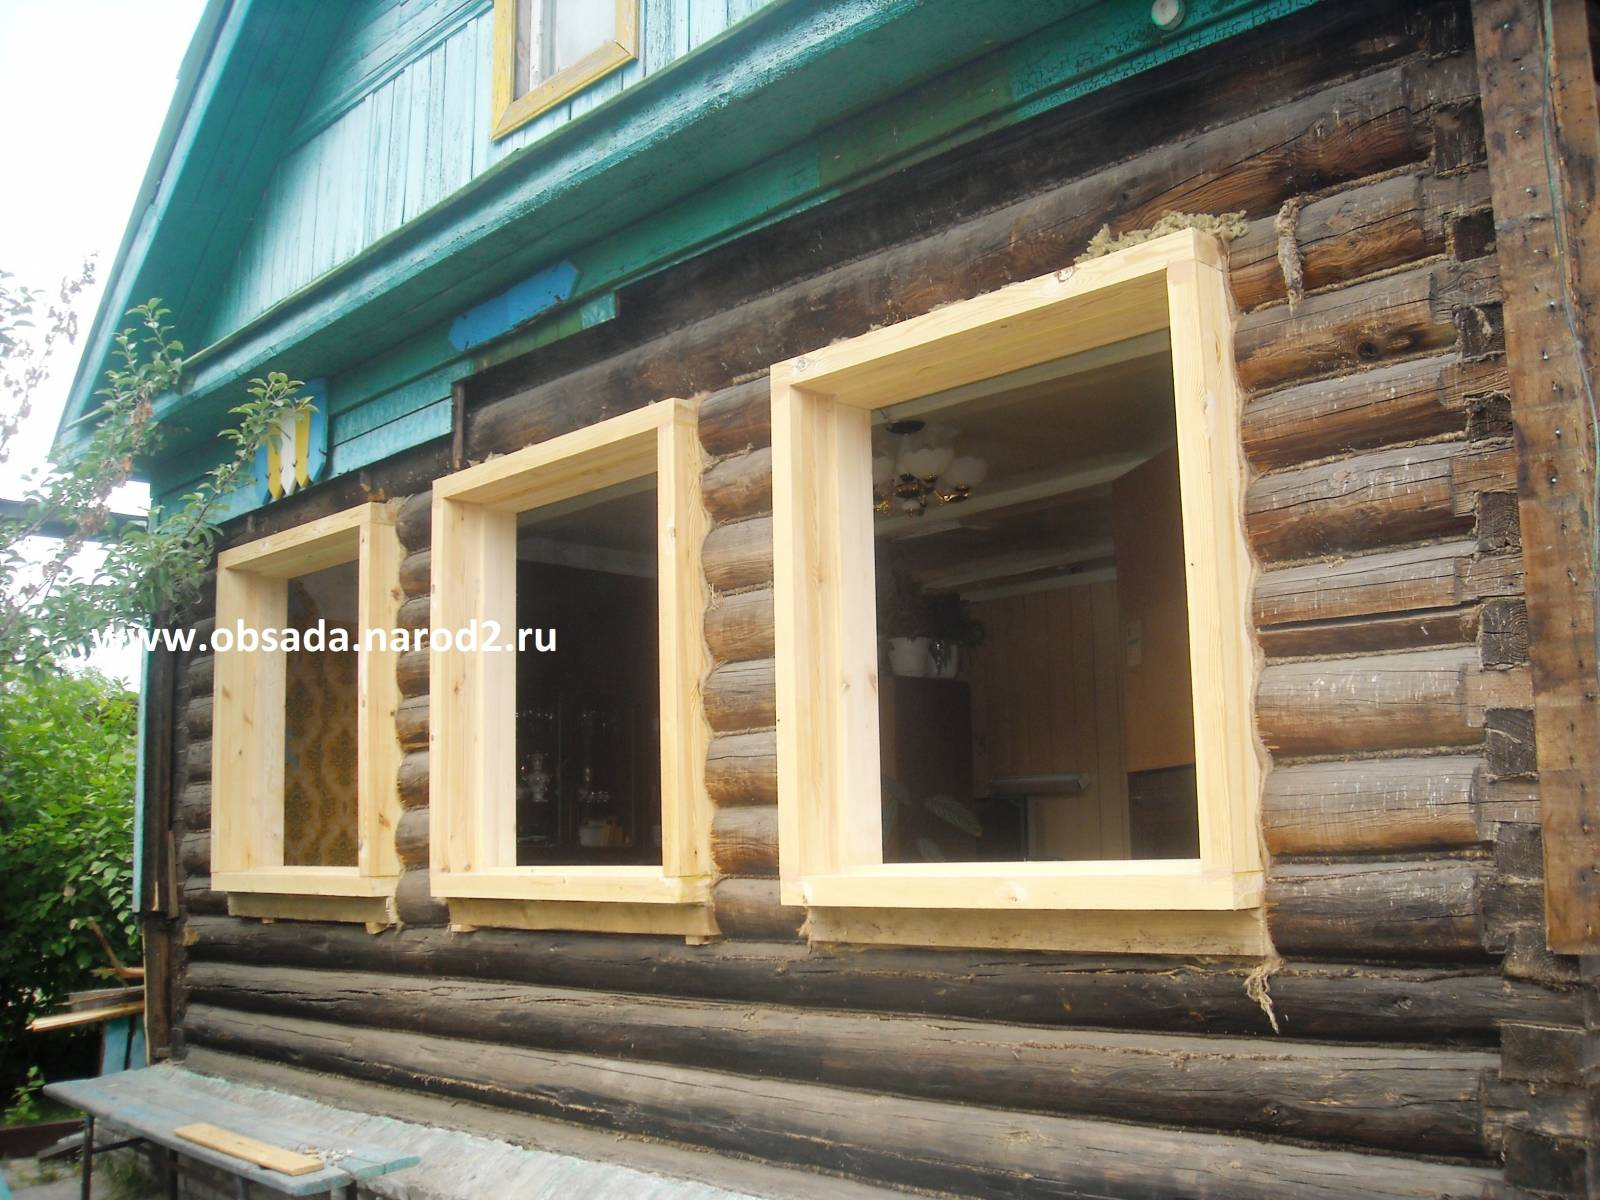 Установка пластикового окна в старом деревянном доме своими руками